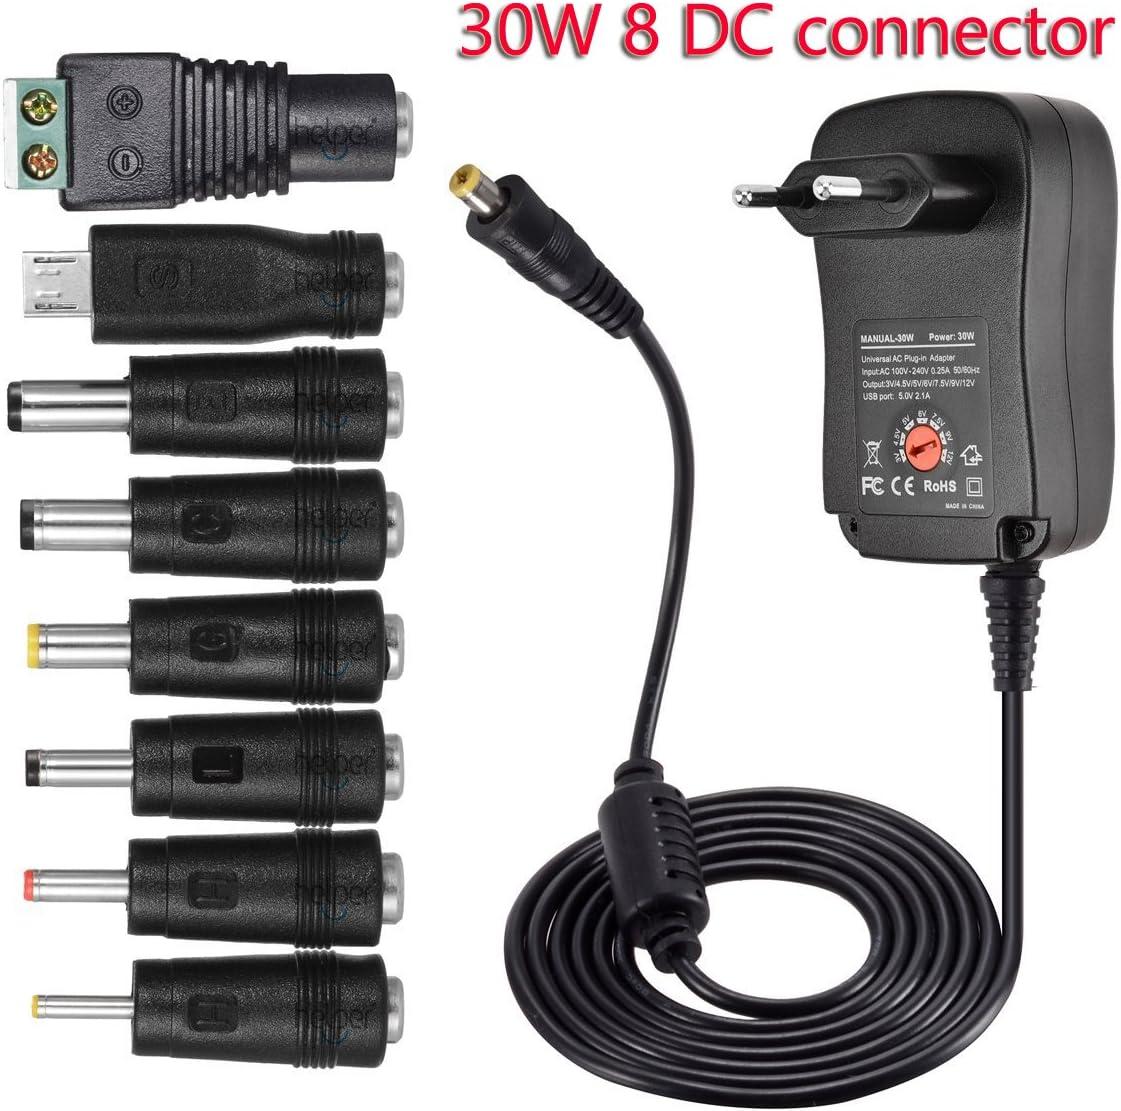 helpers lab 30W Universal Conector de Fuente 3V-12V 2000mA MAX AC/DC Adaptador Fuente de Alimentación conmutada con 8 Desmontable DC Conector con Puerto USB 5V 2,1A